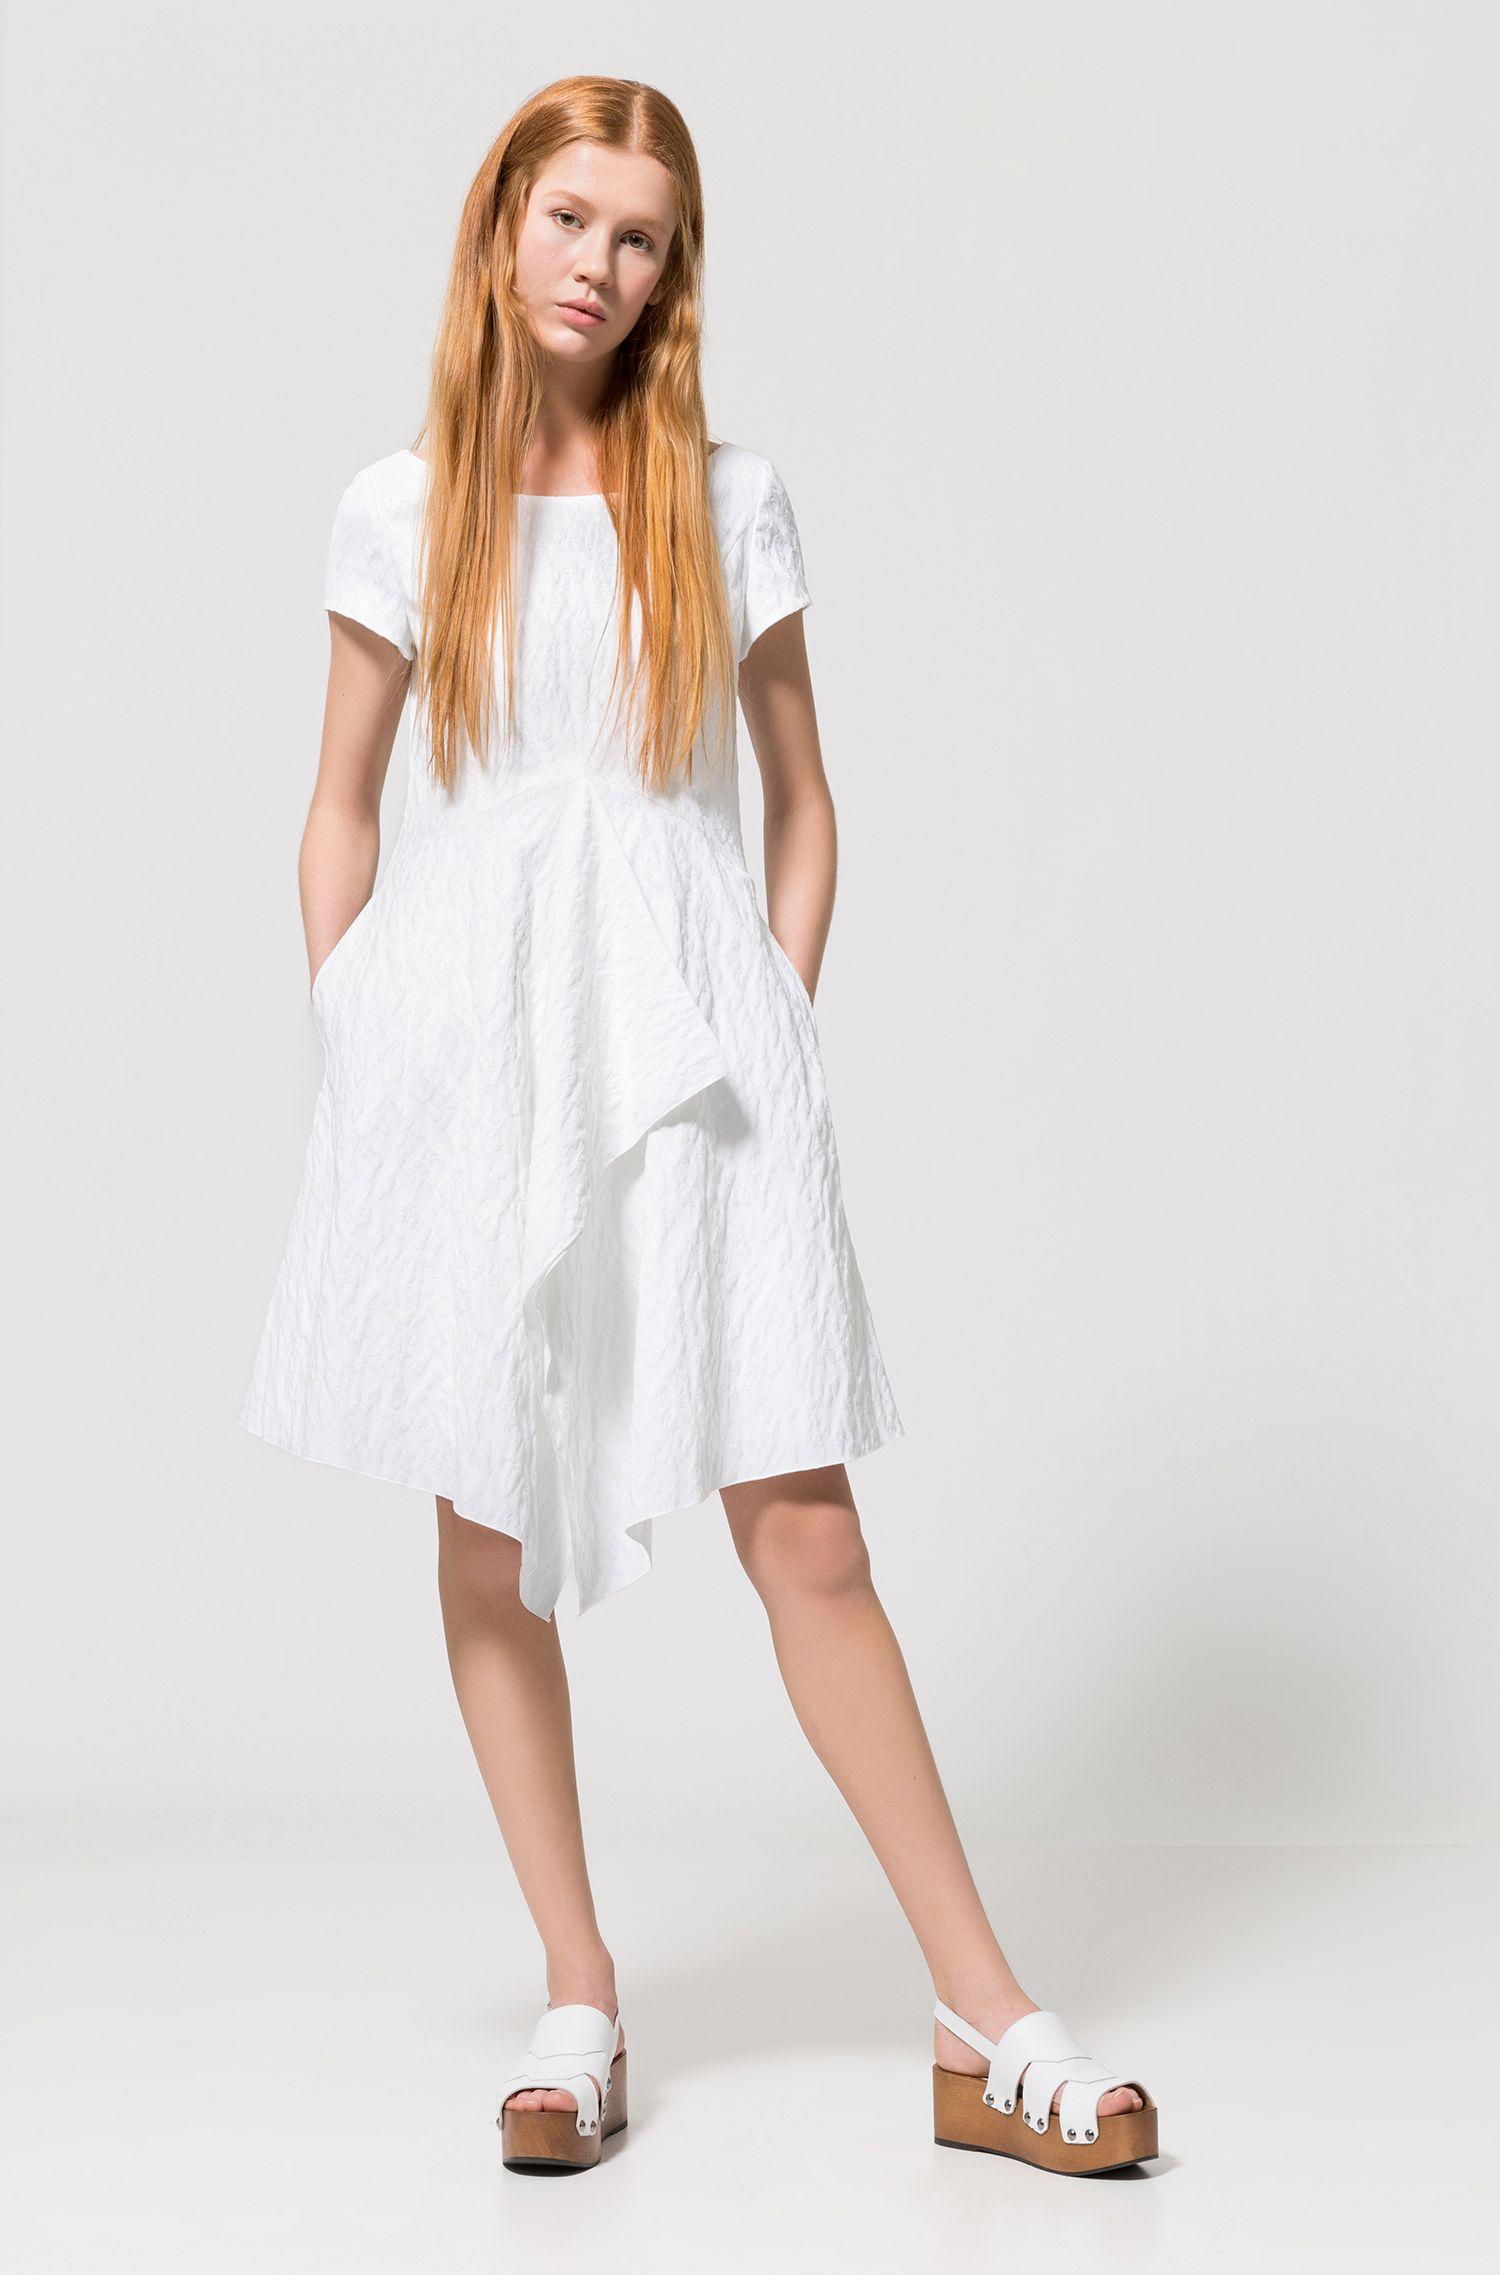 Ruffled Dress | KIenia, Natural